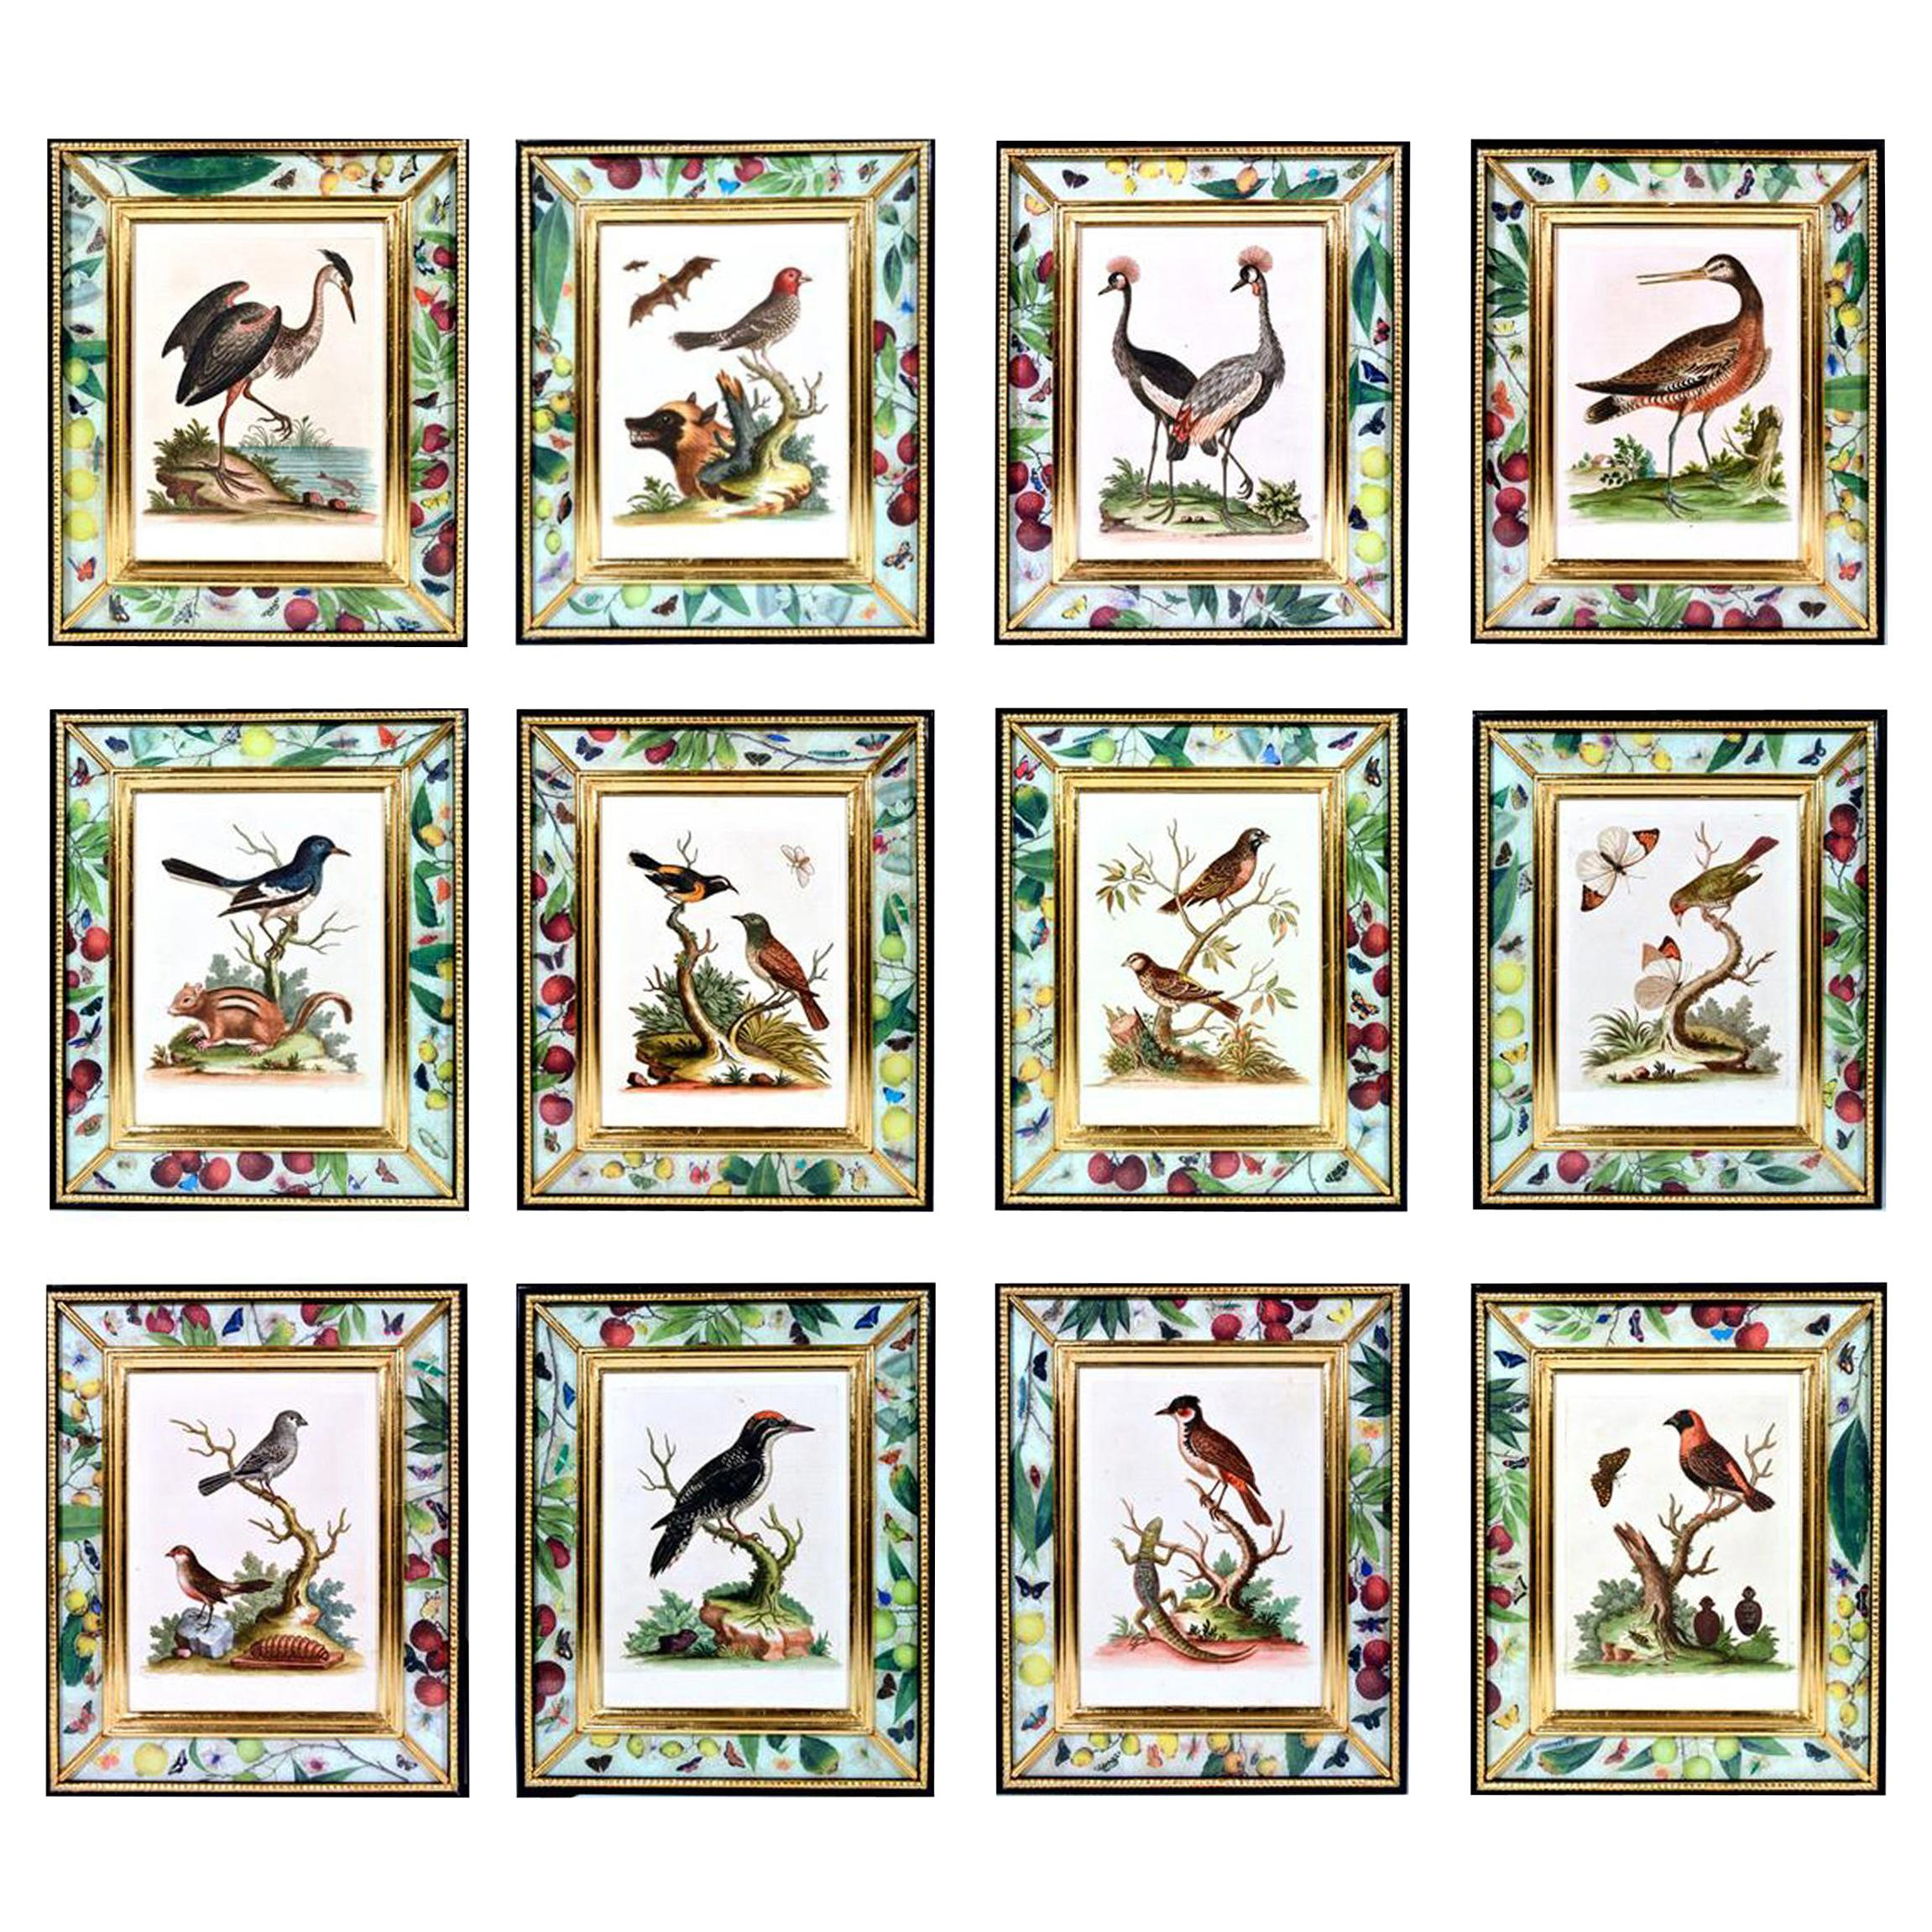 George Edwards Engravings of Birds, Set of Twelve, circa 1740-1760